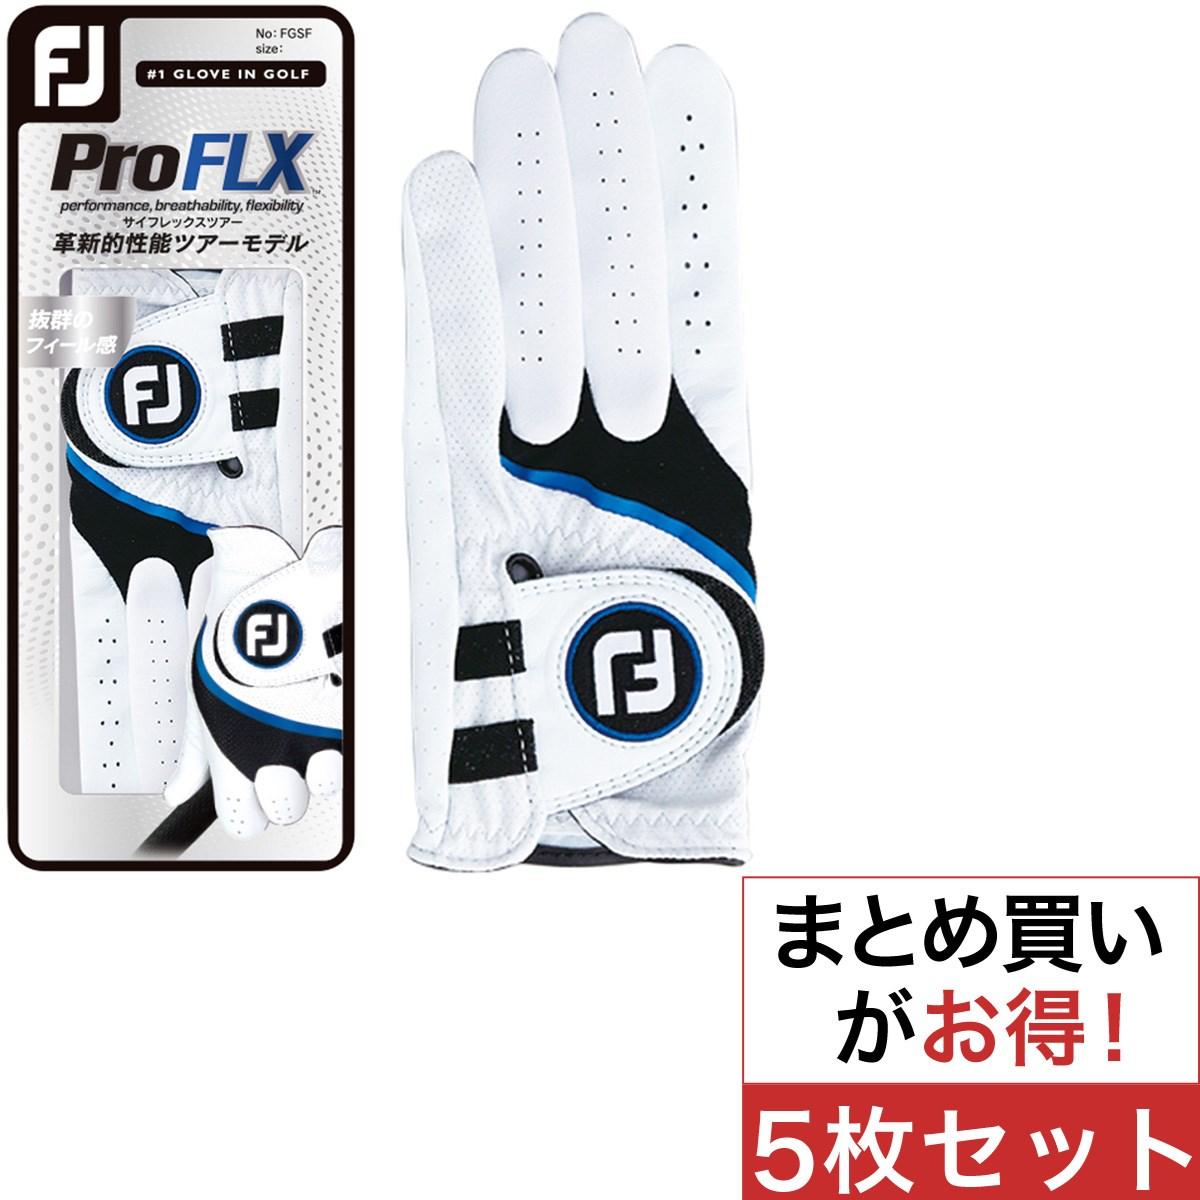 フットジョイ(FootJoy) プロフレックス グローブ レフティ 5枚セット